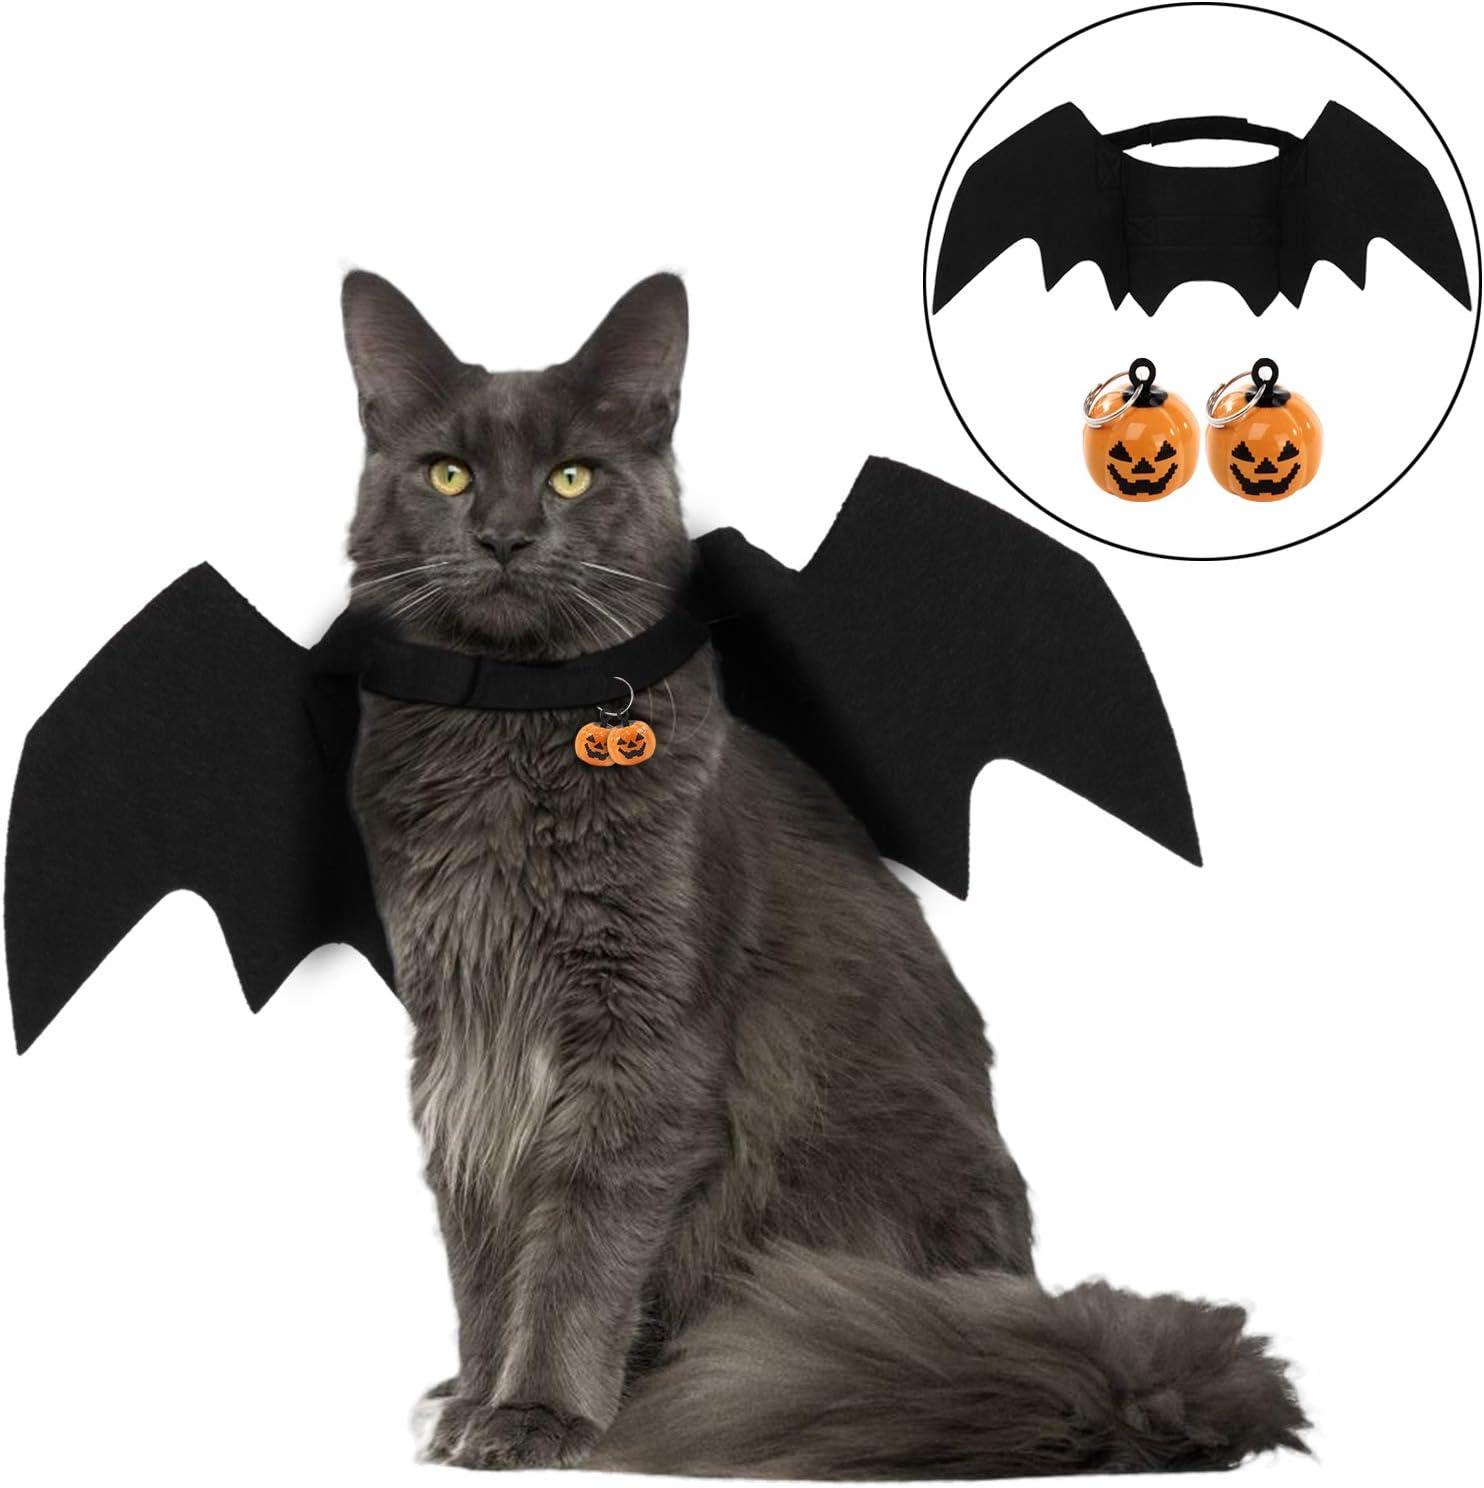 A cat wearing a bat costume